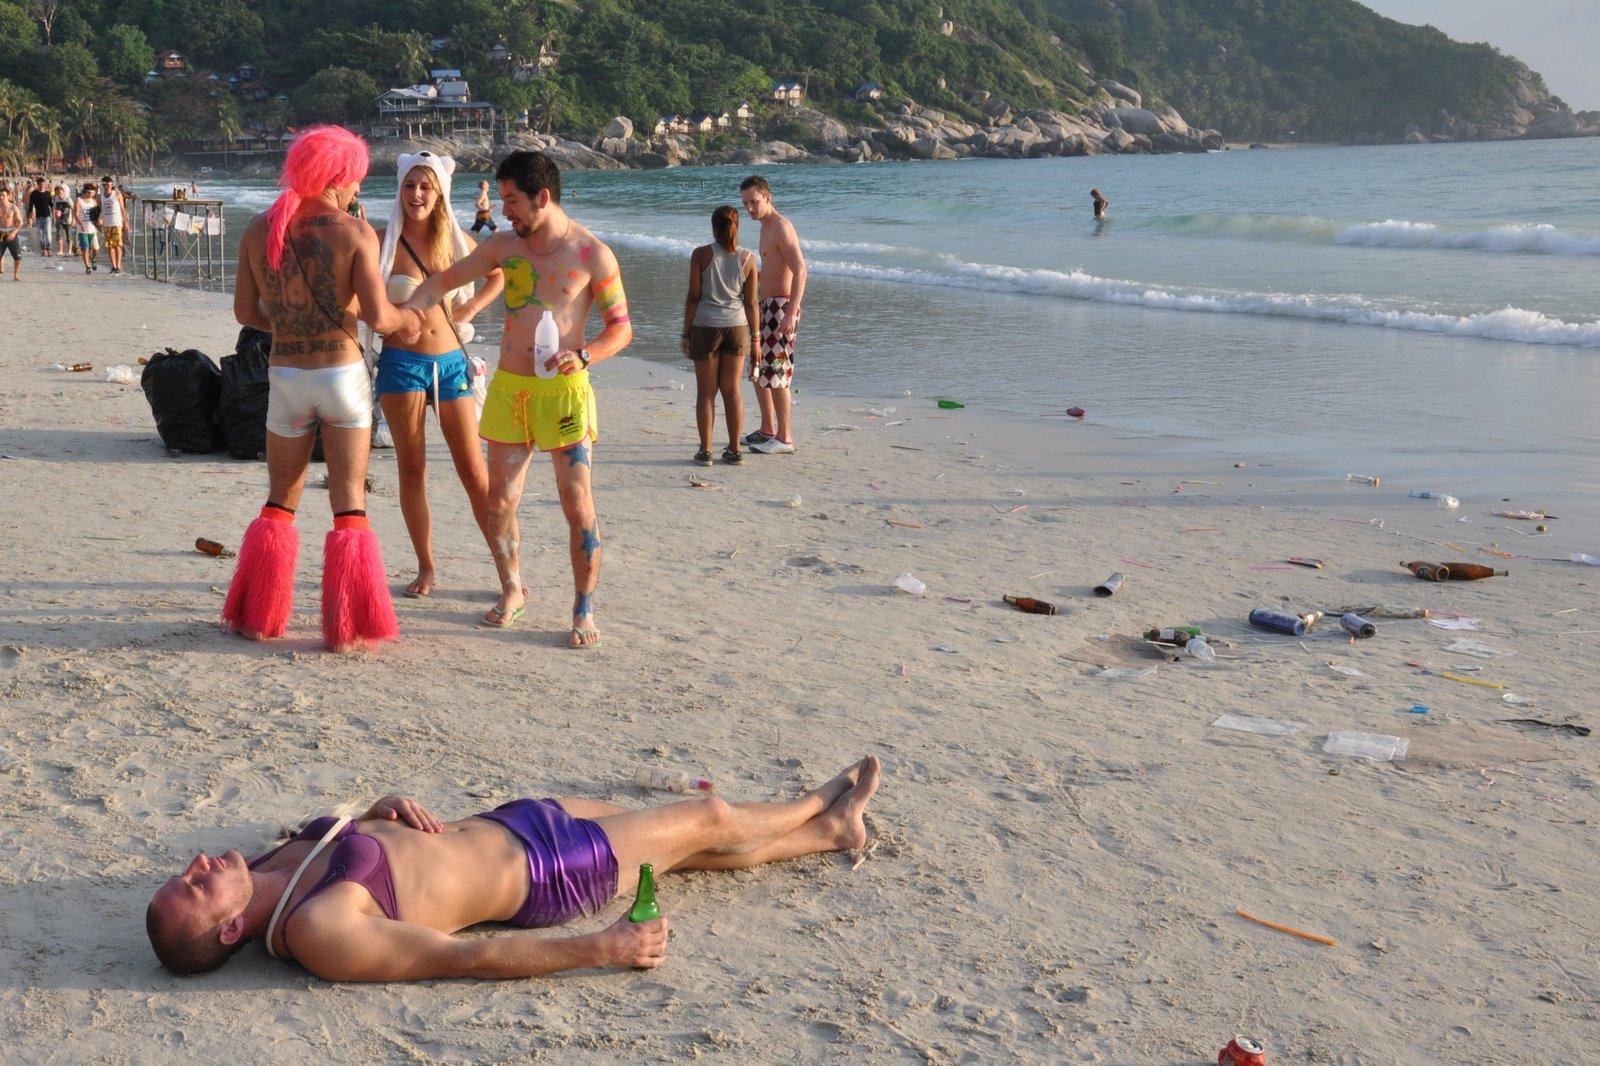 sexe jeunes le sexe sur la plage